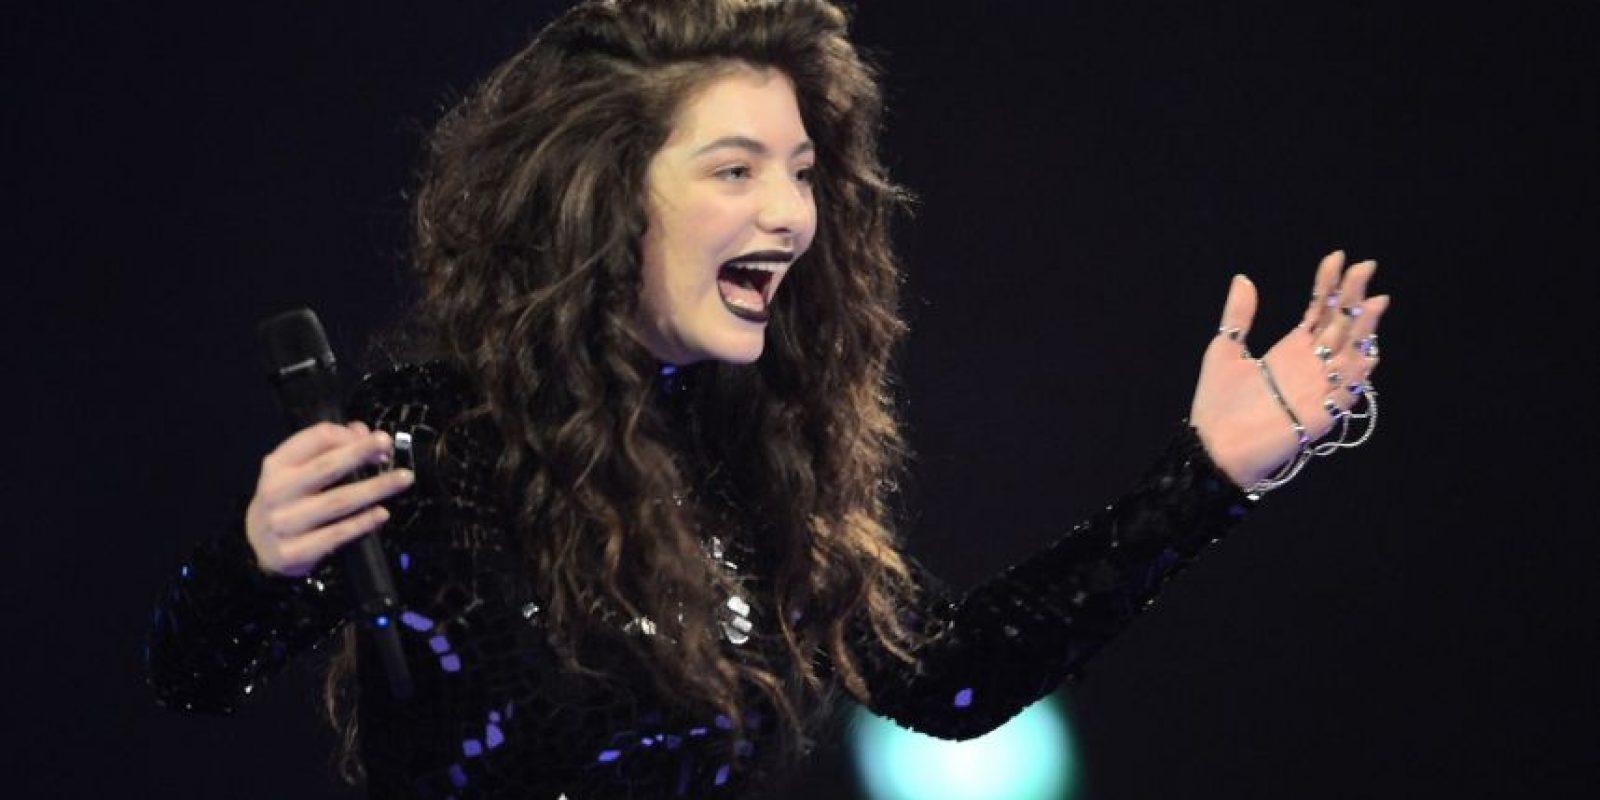 La cantante Ella Maria Lani Yelich-O'Connor, mejor conocida como Lorde, apenas tiene 18 años y ya es una de las artistas favoritas del público. Foto:Getty Images